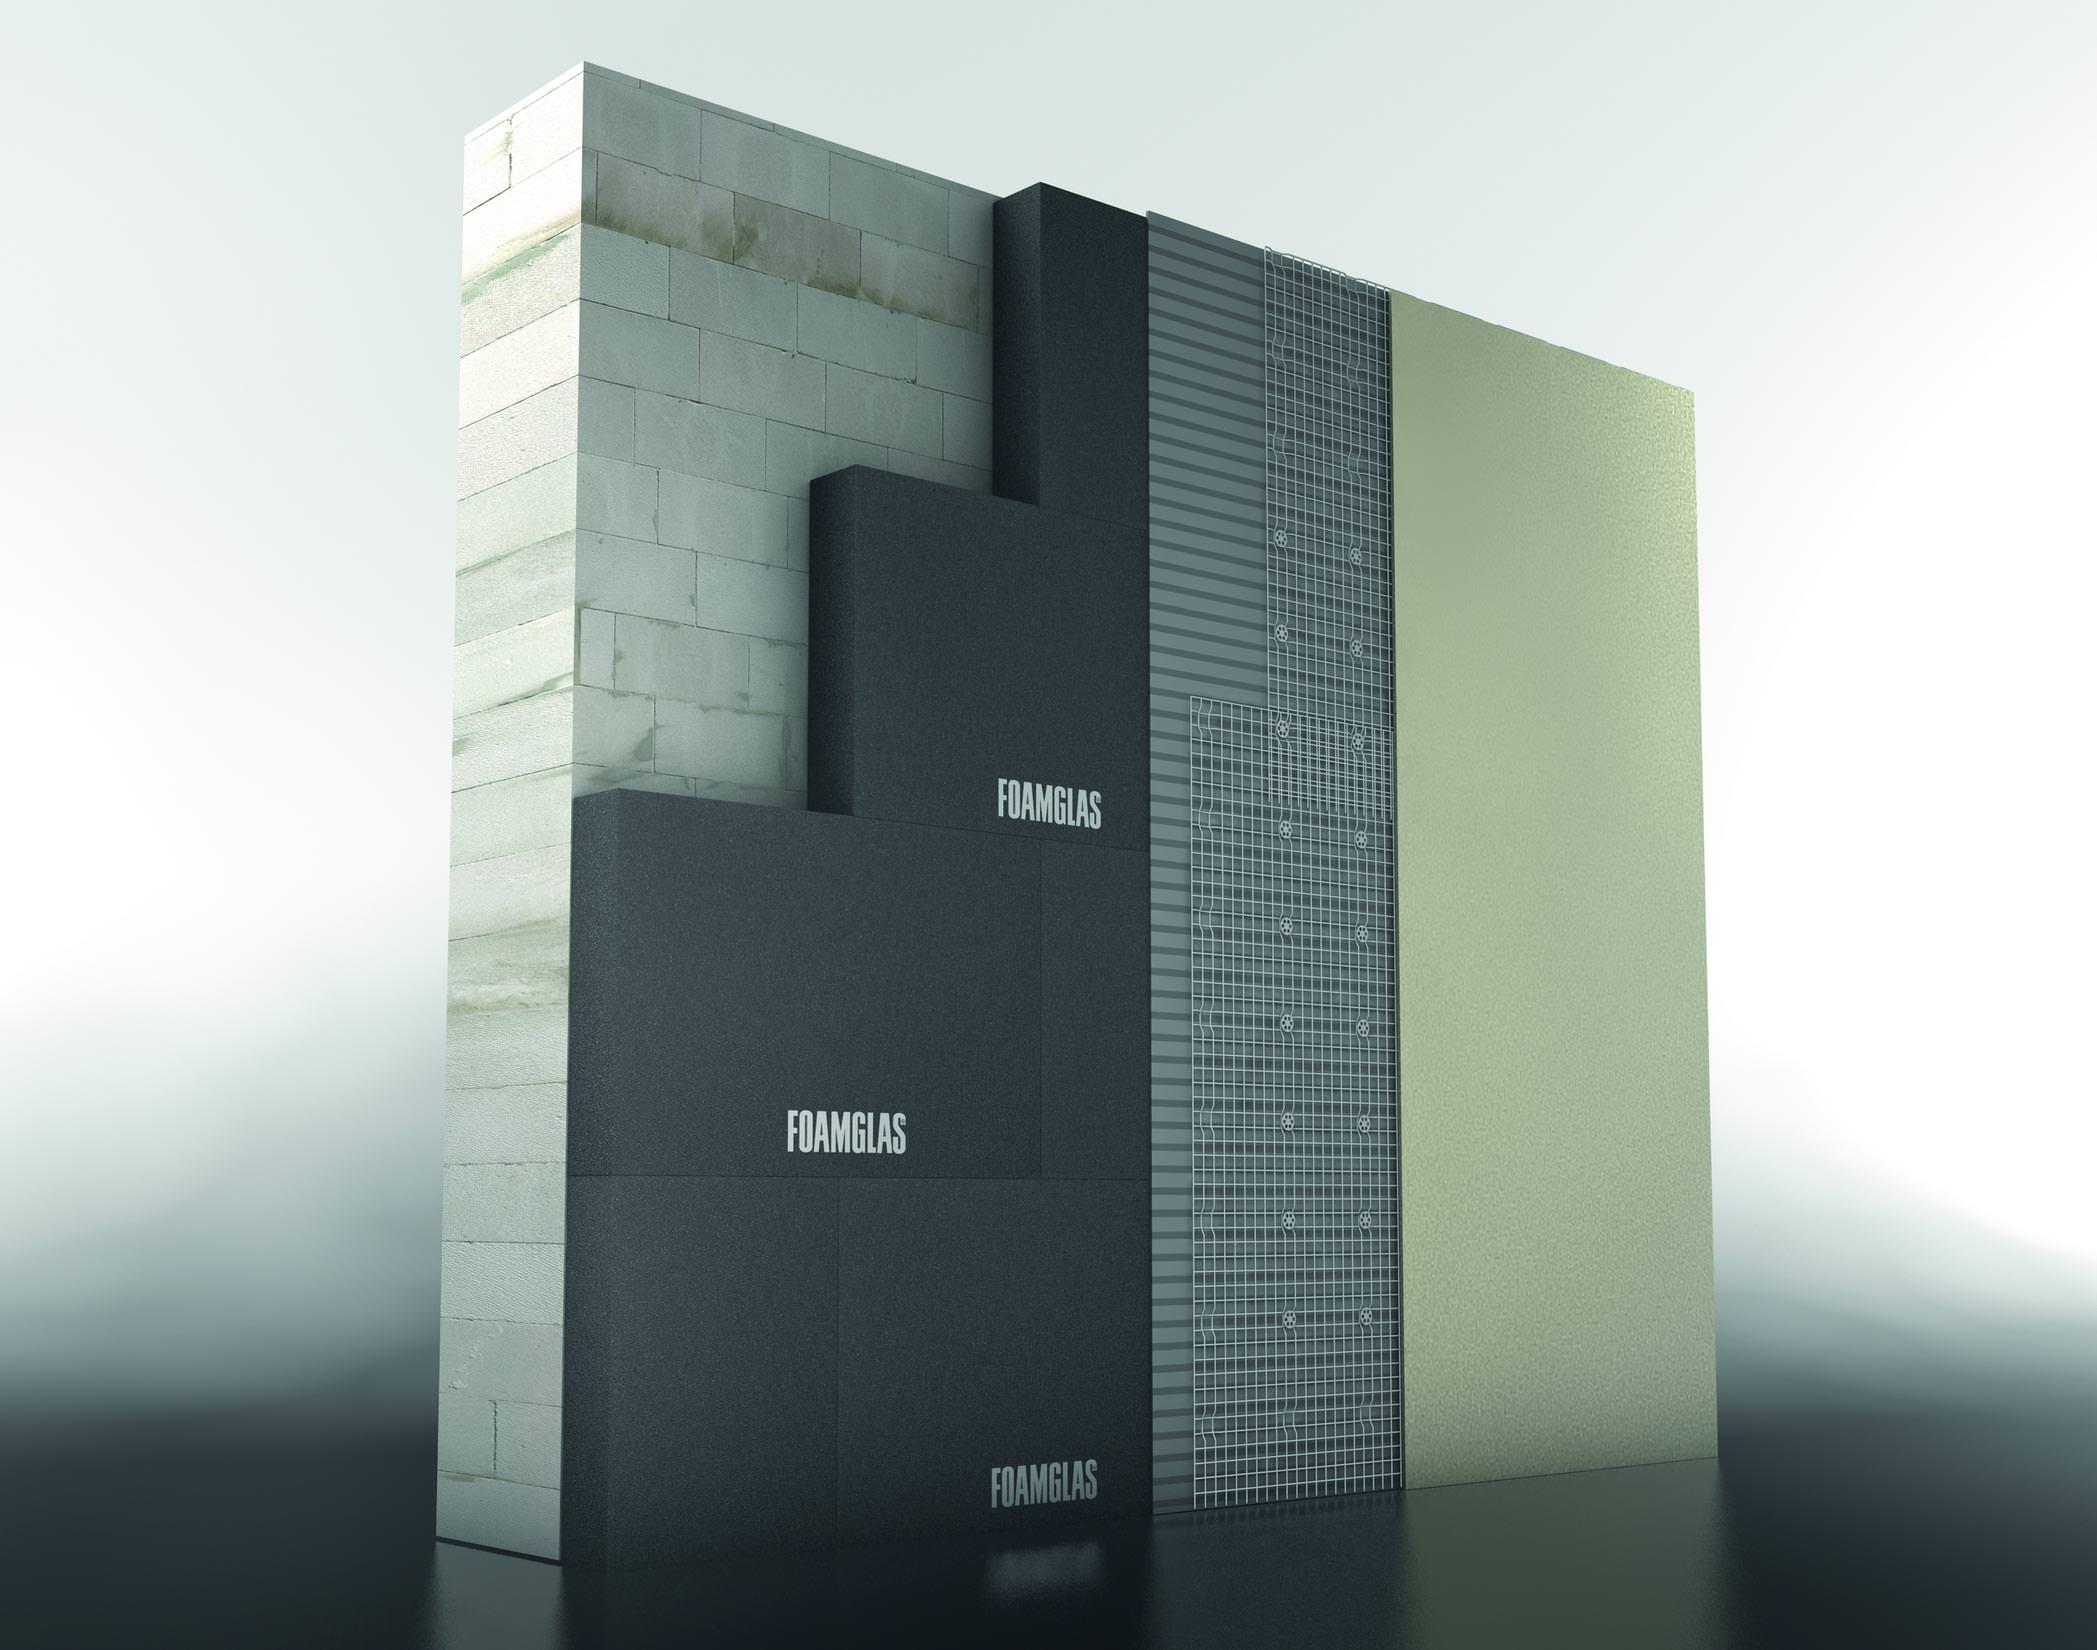 foamglas wdvs robustes nicht brennbares wdv system mit. Black Bedroom Furniture Sets. Home Design Ideas